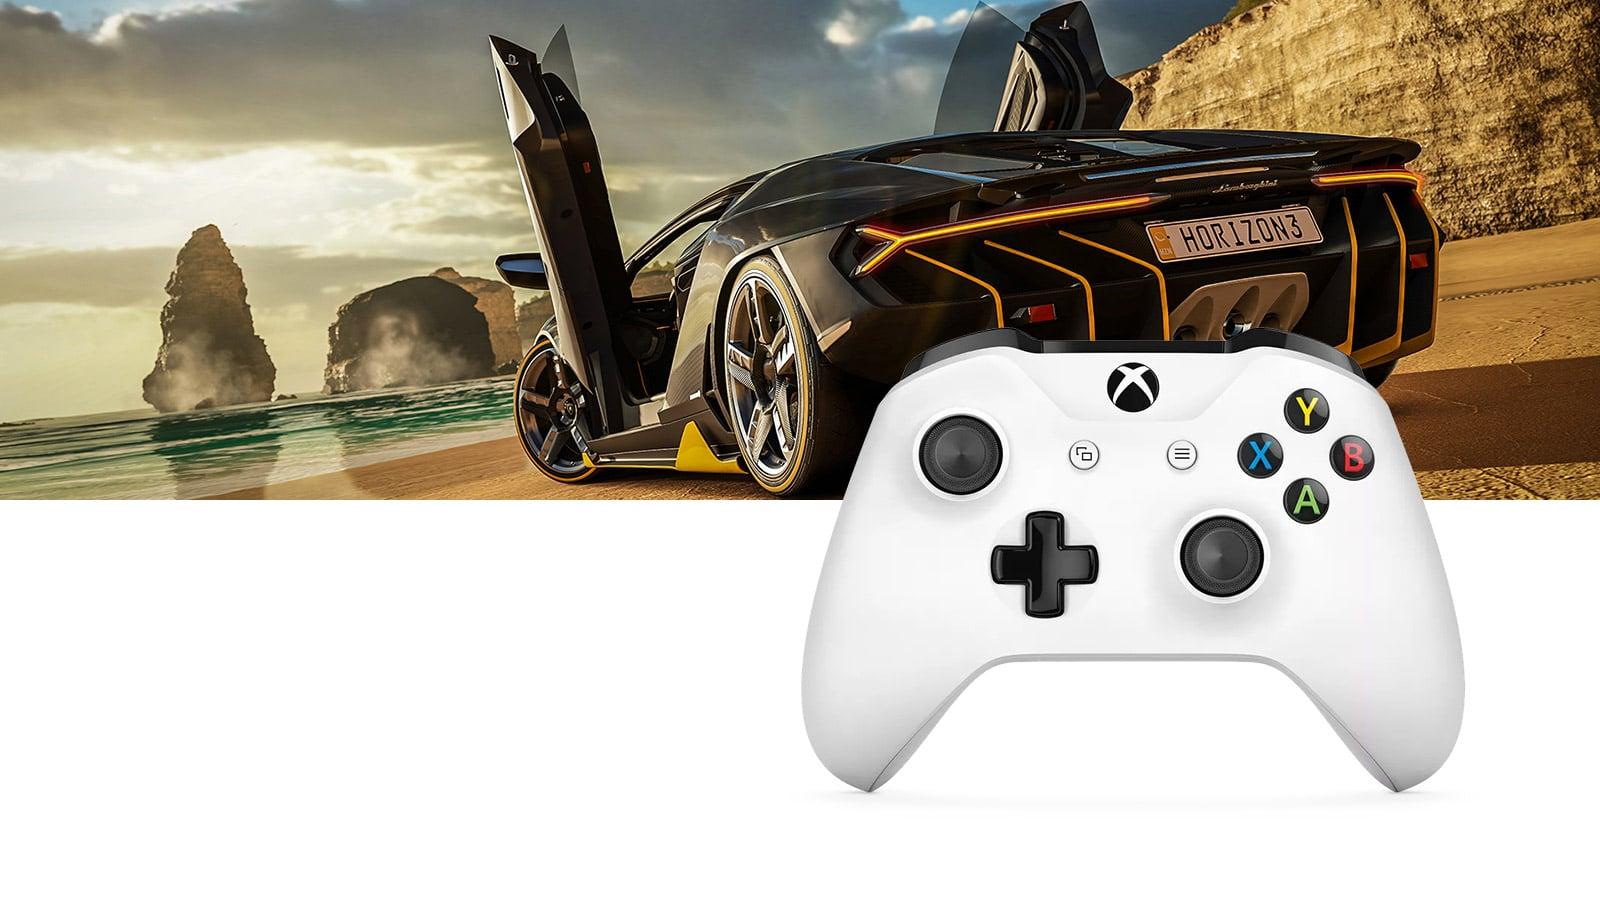 Xbox の画面に表示された Forza と白色のコントローラー